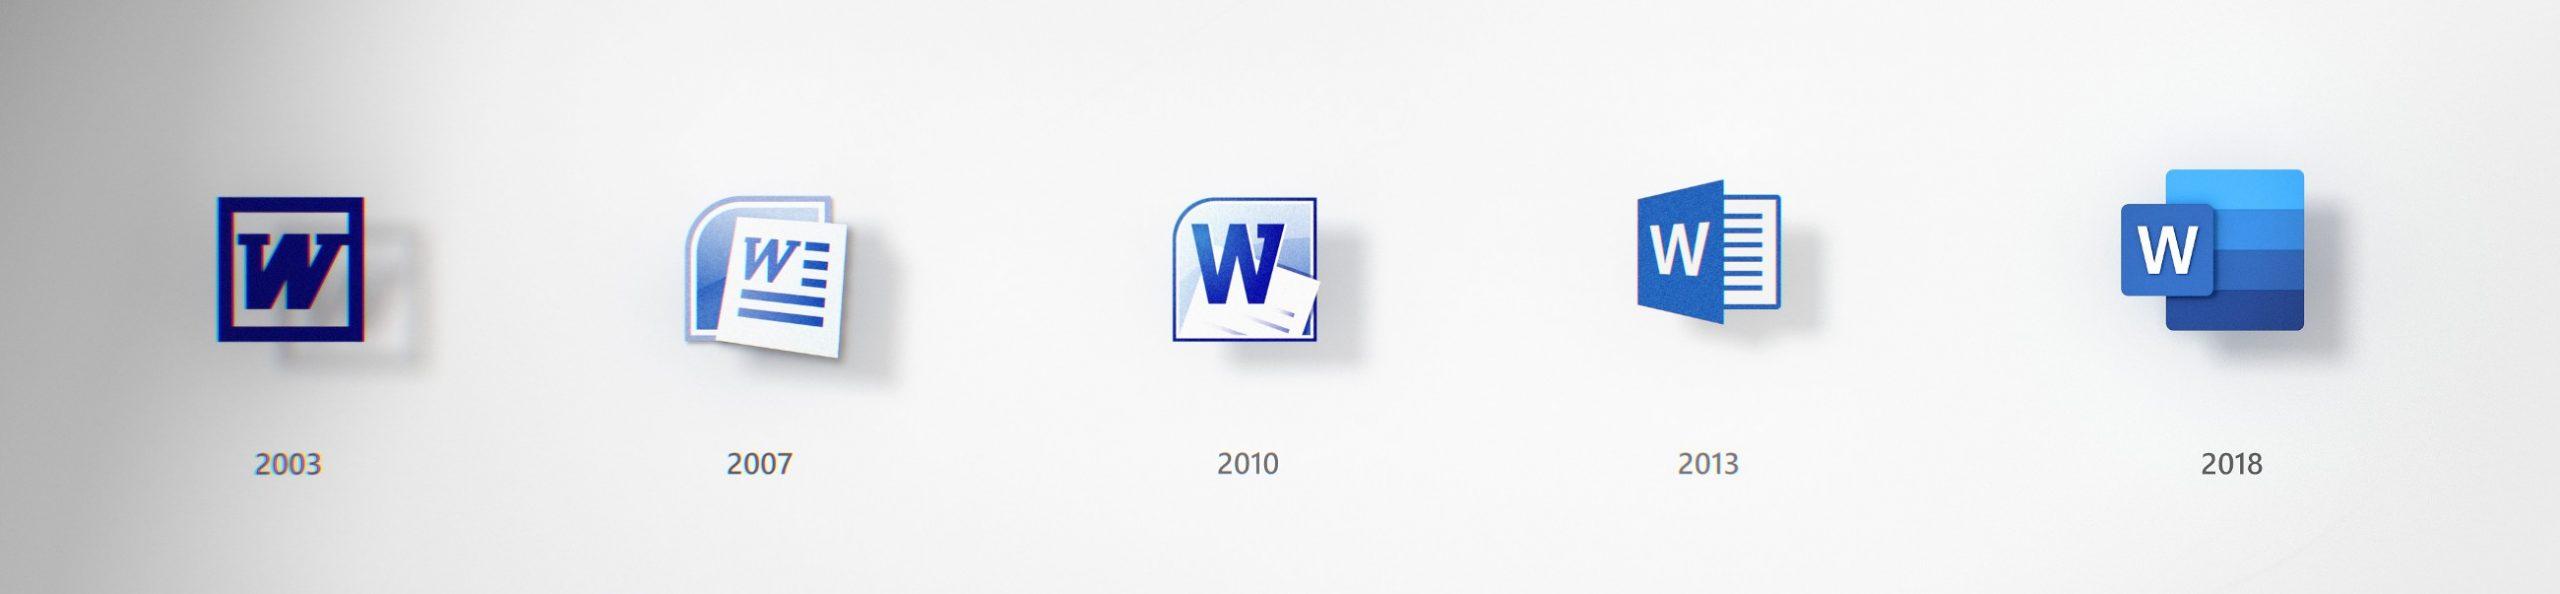 Nové ikonky Office 365 z roku 2018.